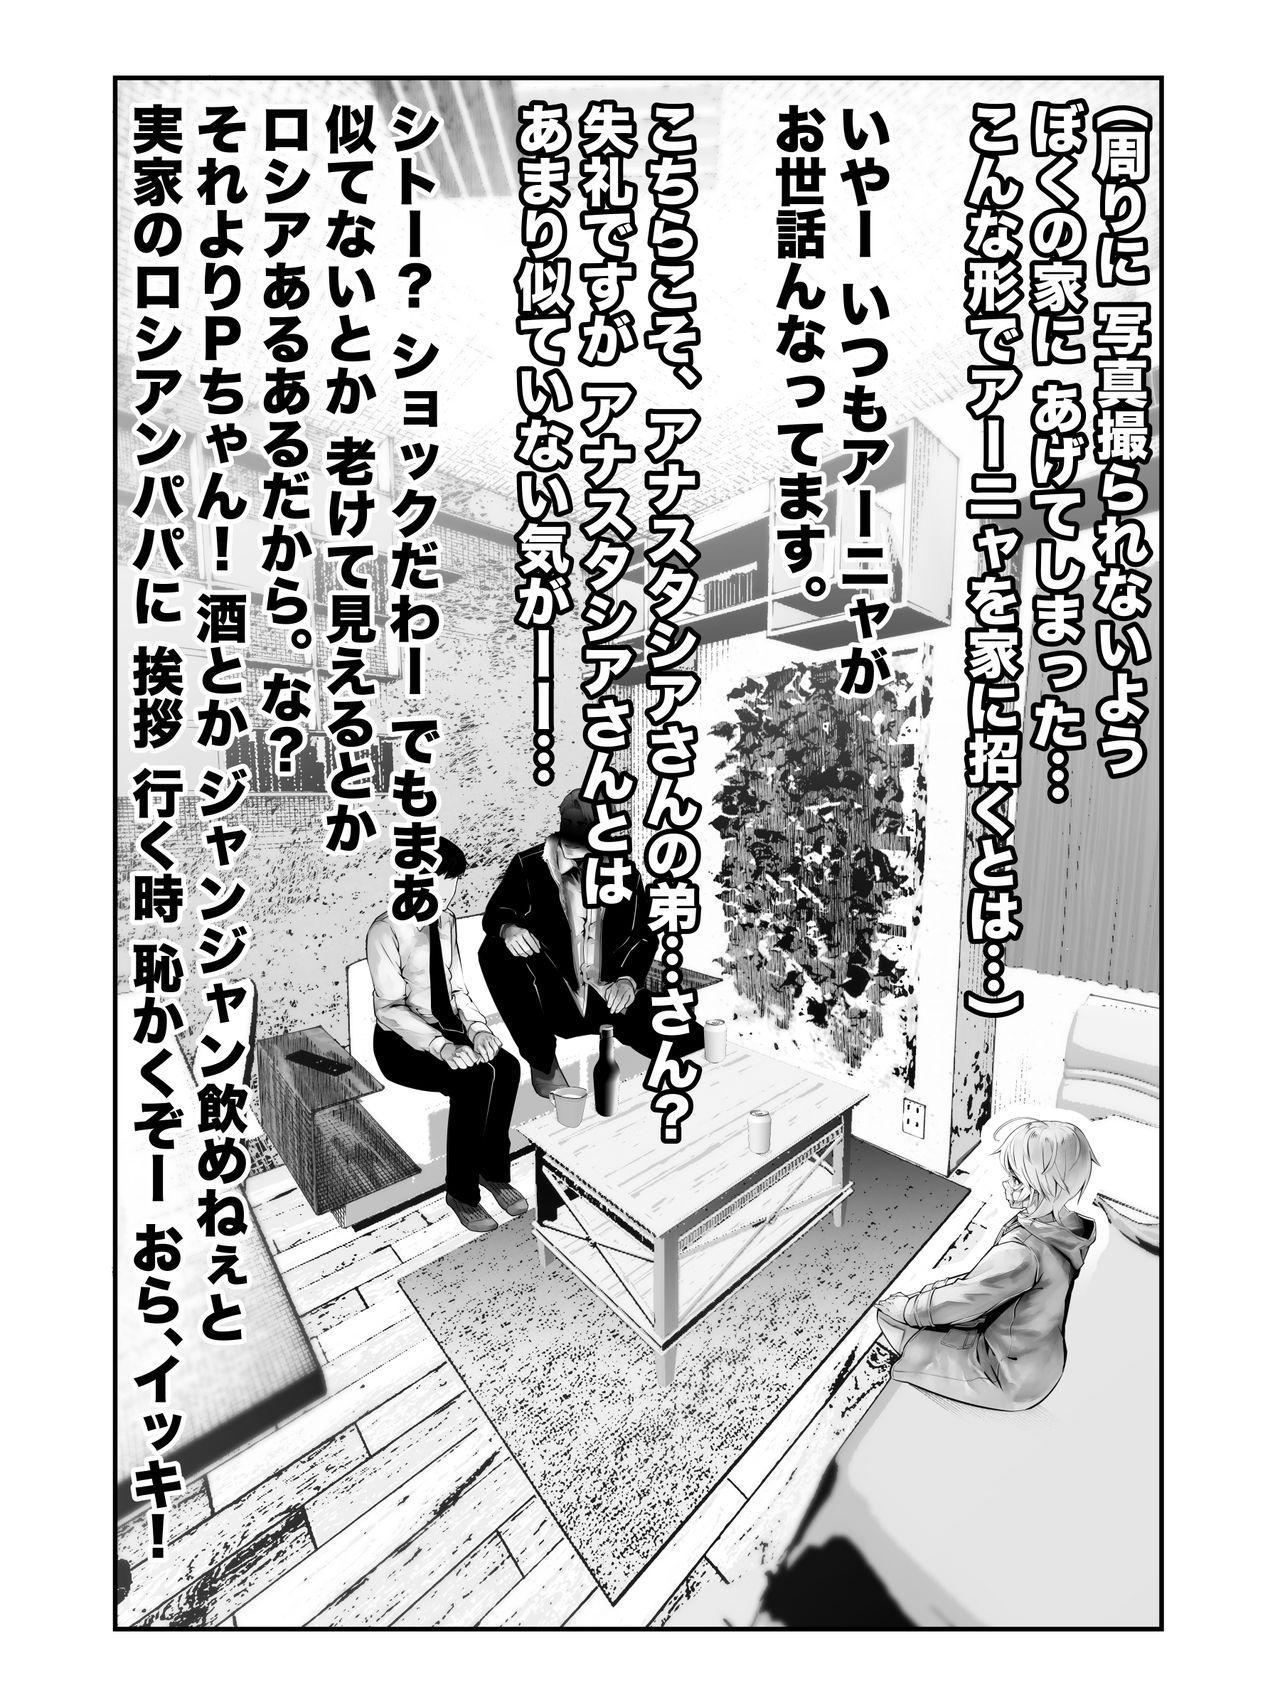 Kanzenba/P 「Sochira no kata wa…?」?「Chissu, ore otoutosu」 14